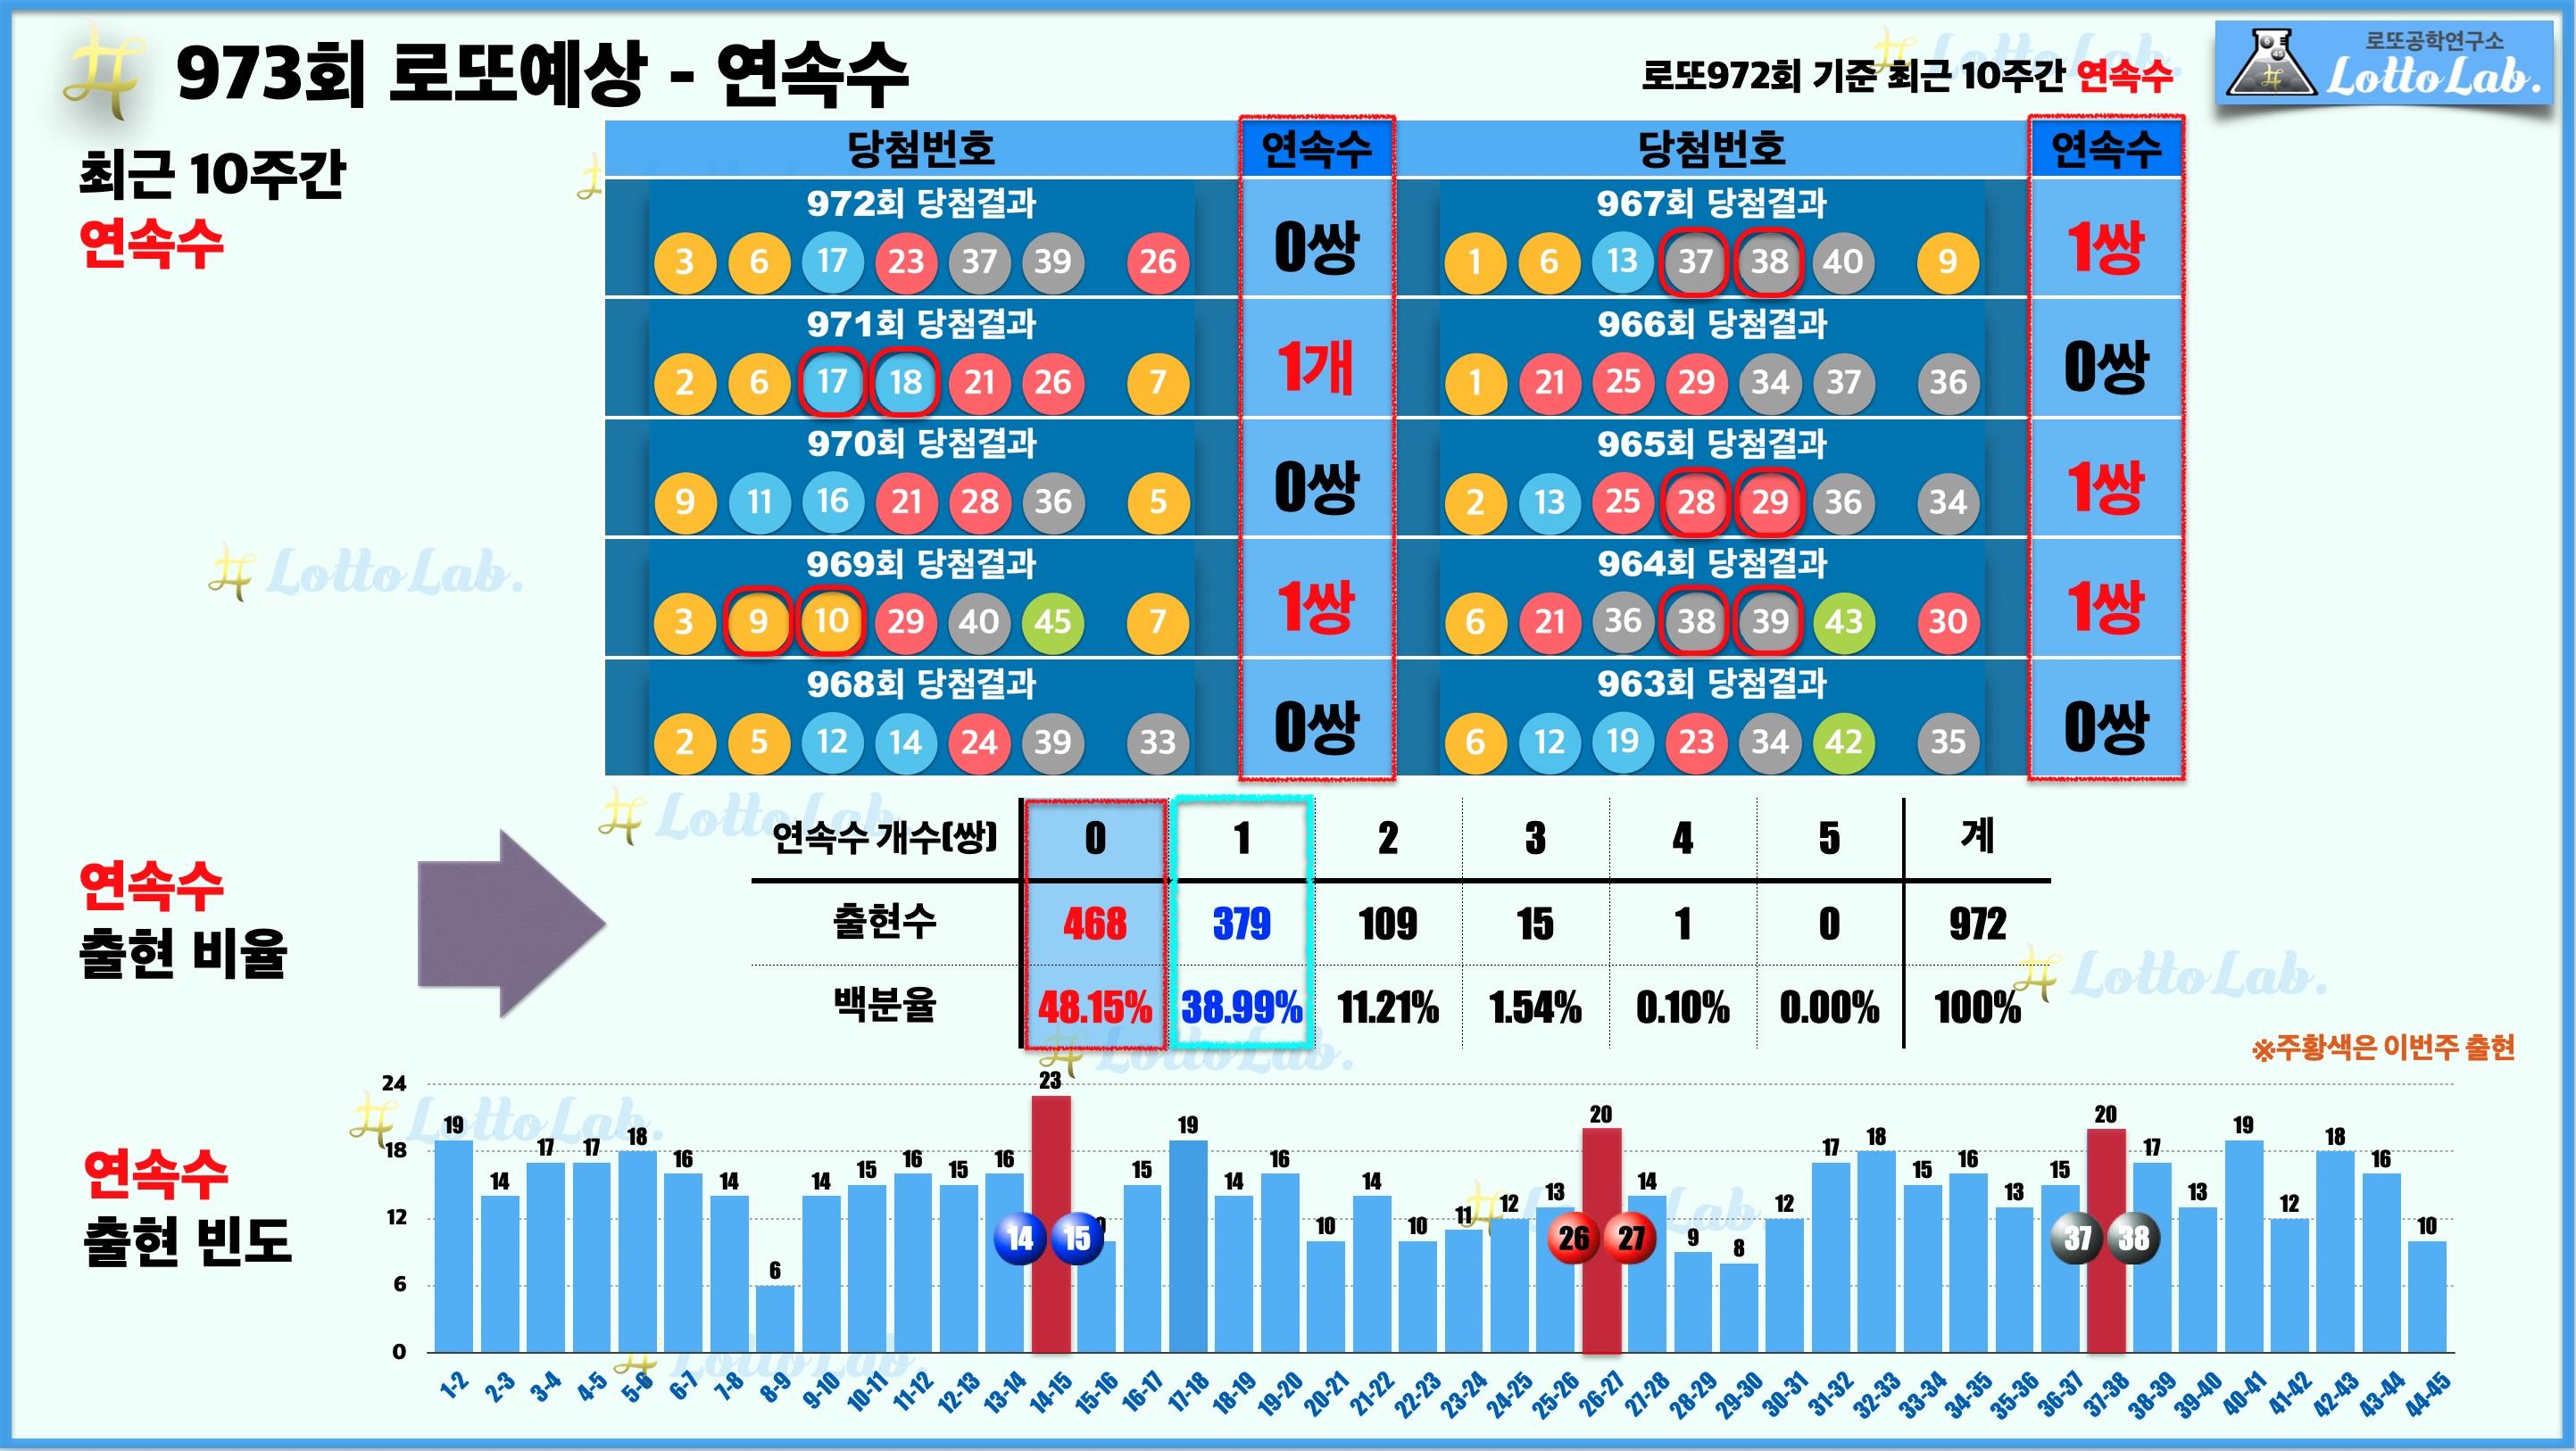 로또랩 로또973 당첨 번호 예상 연속수.